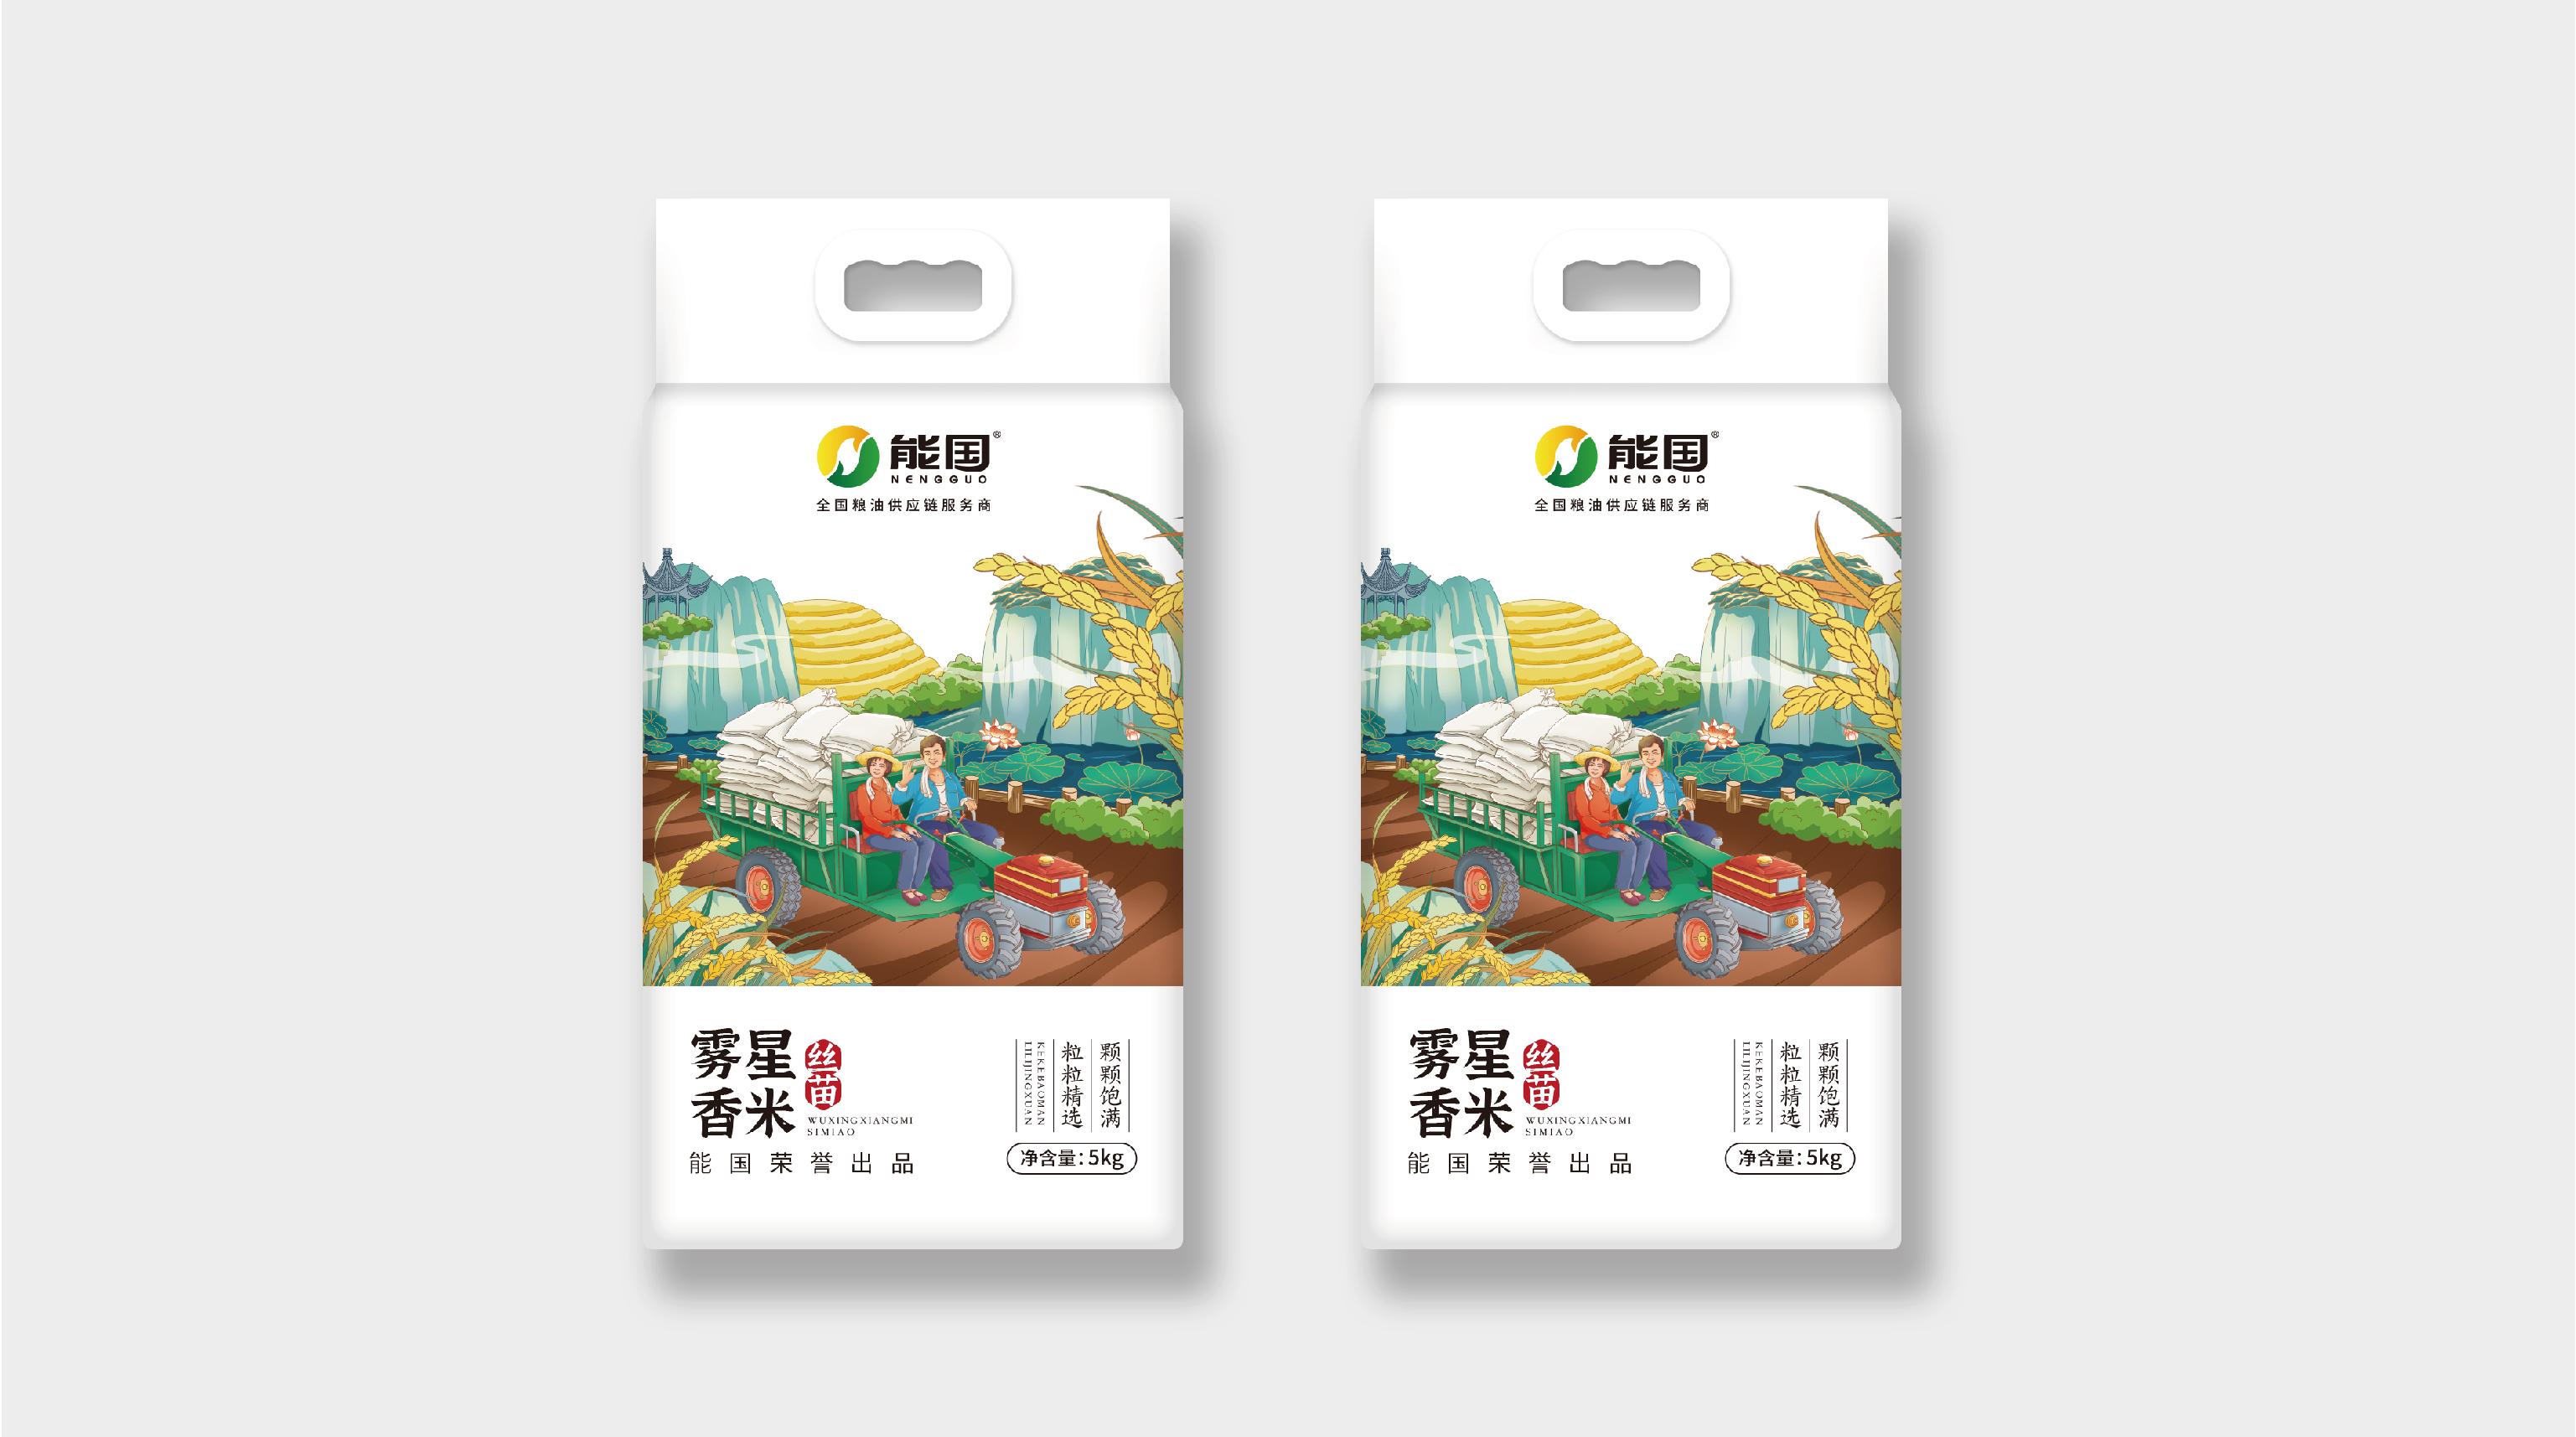 能国大米品牌包装延展设计